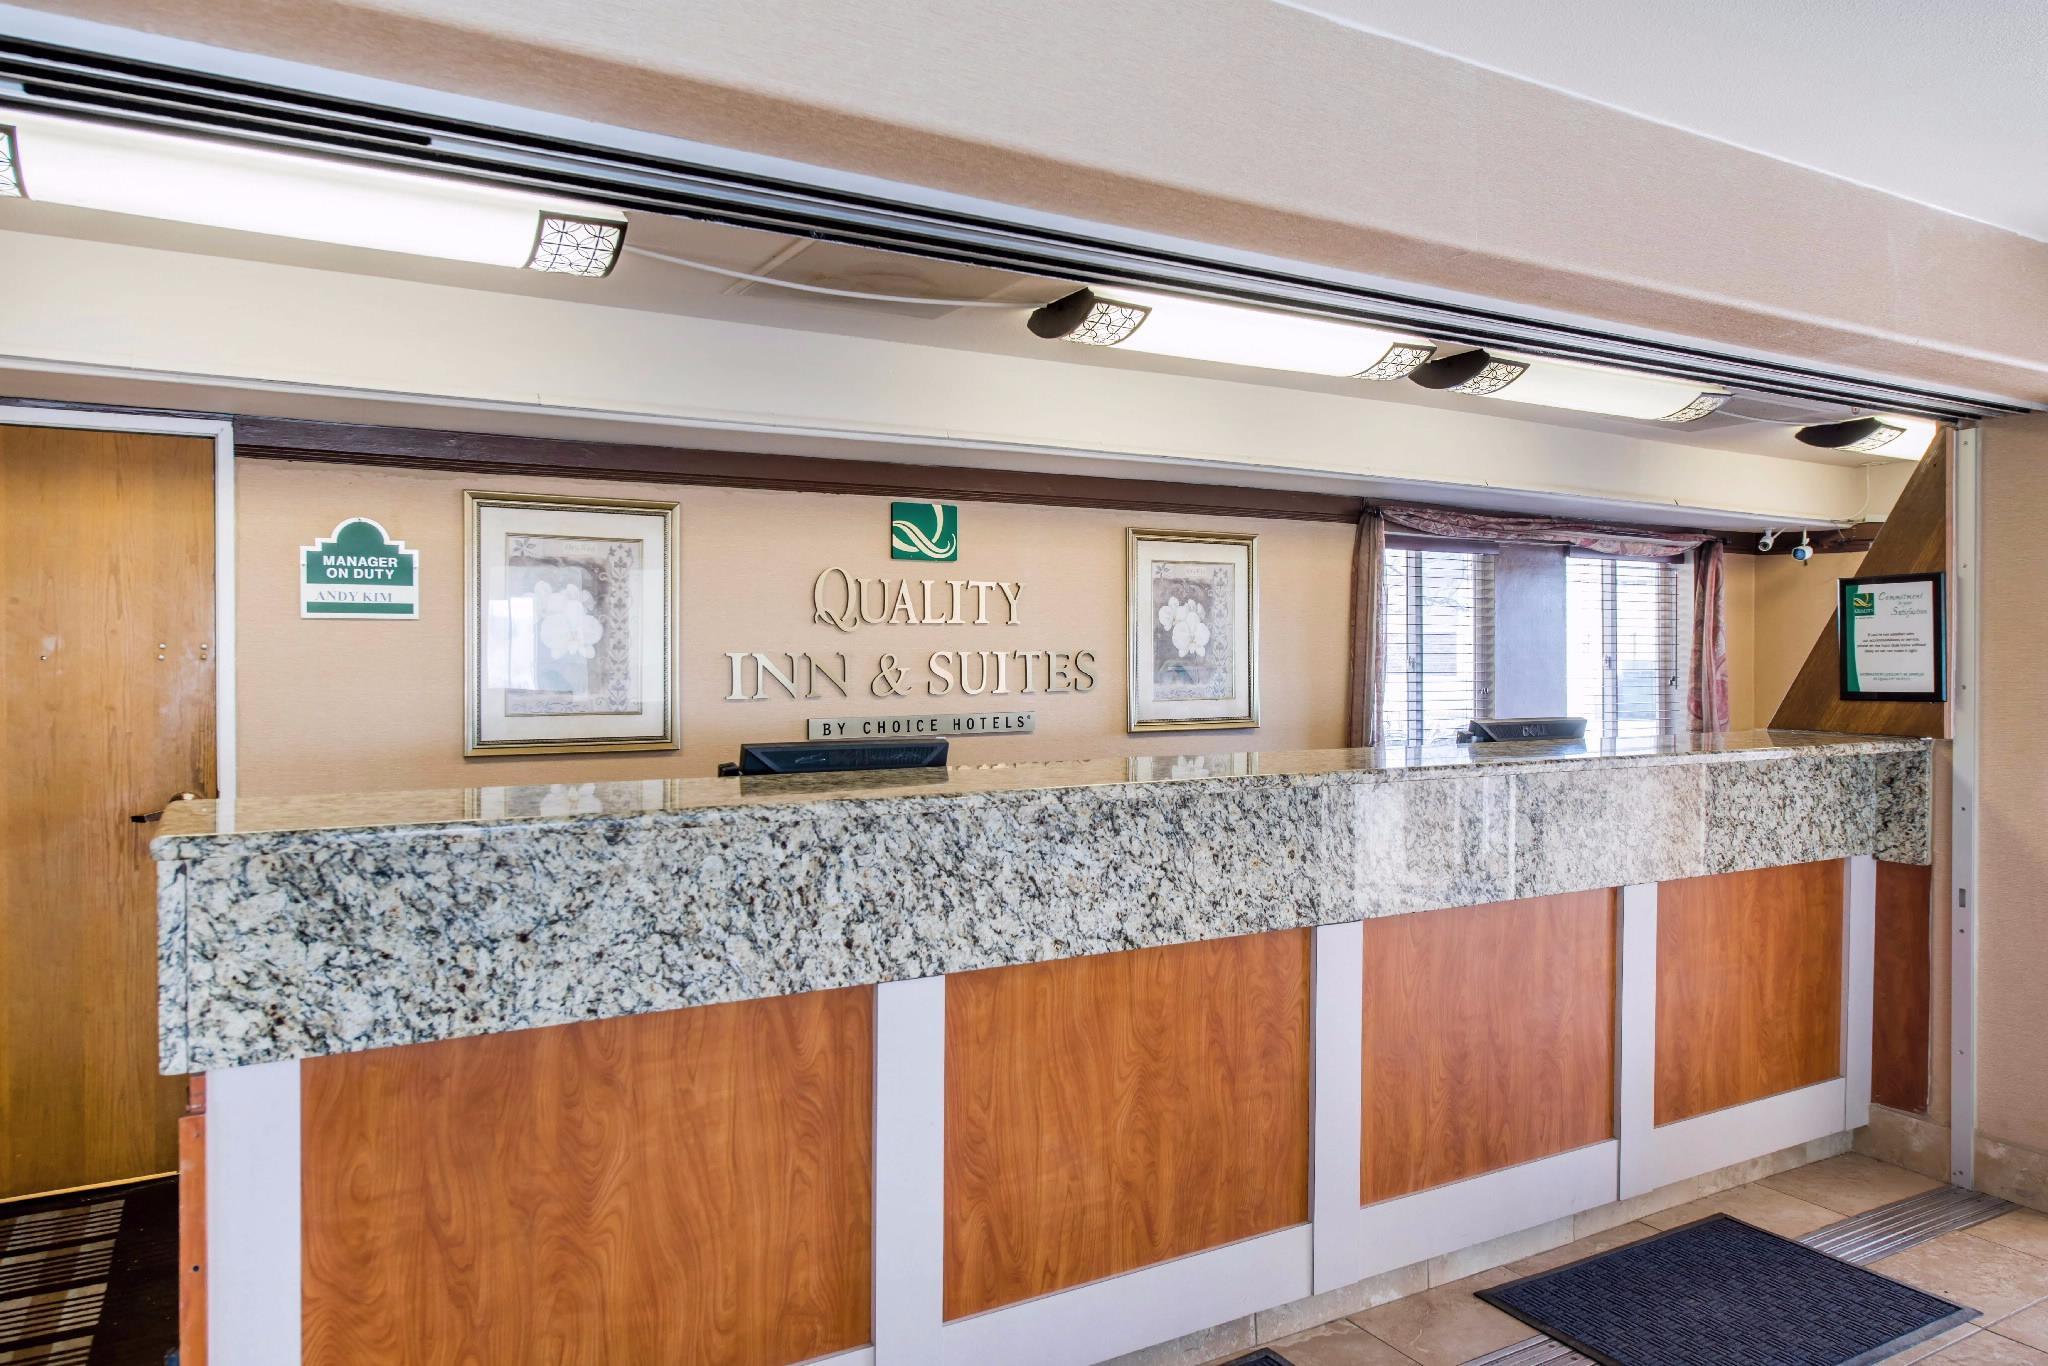 Quality Inn & Suites, Limon CO